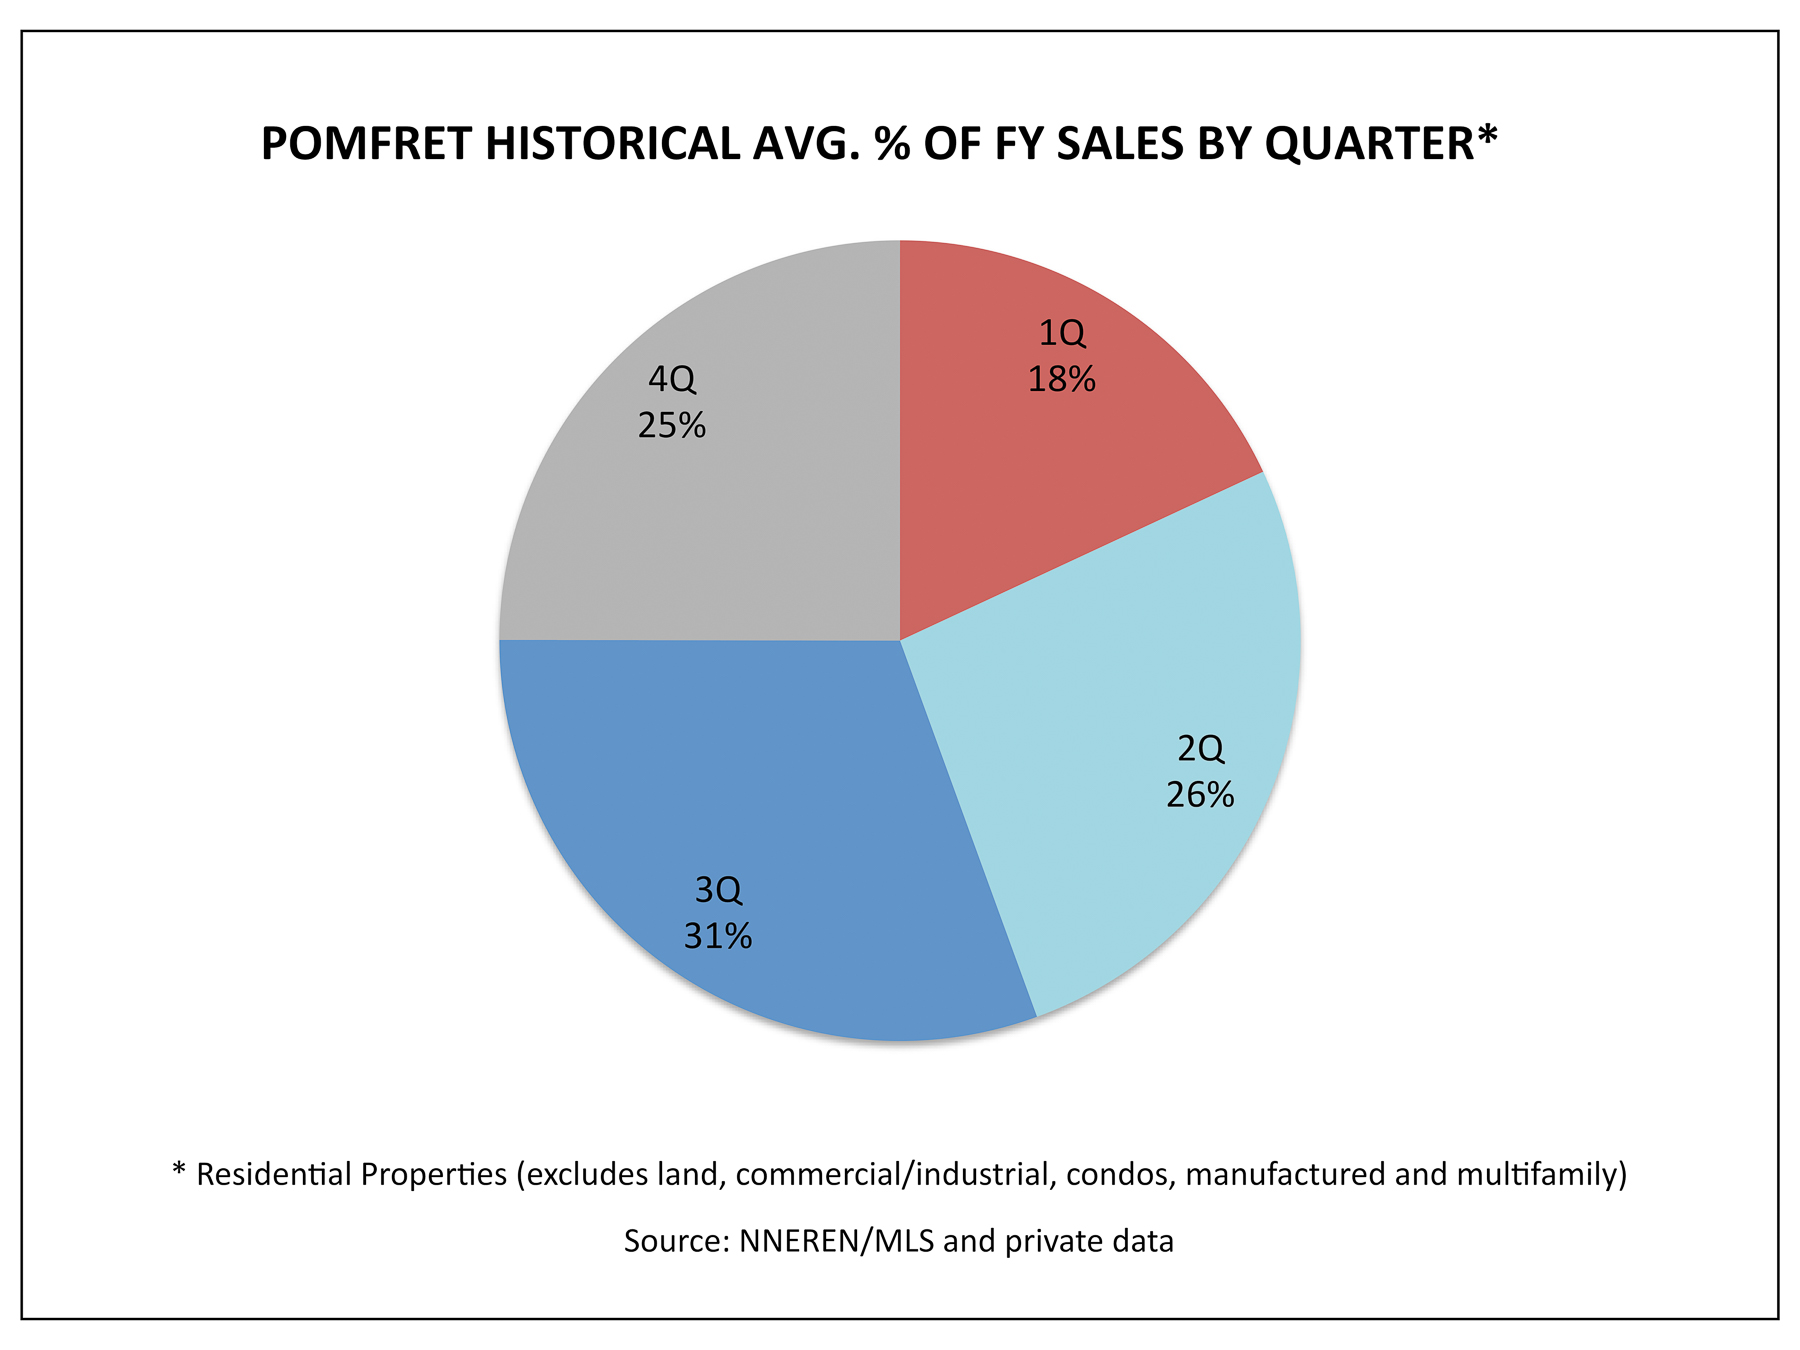 Pomfret VT Real Estate - Historical 1Q Avg. % Homes Sold by Quarter